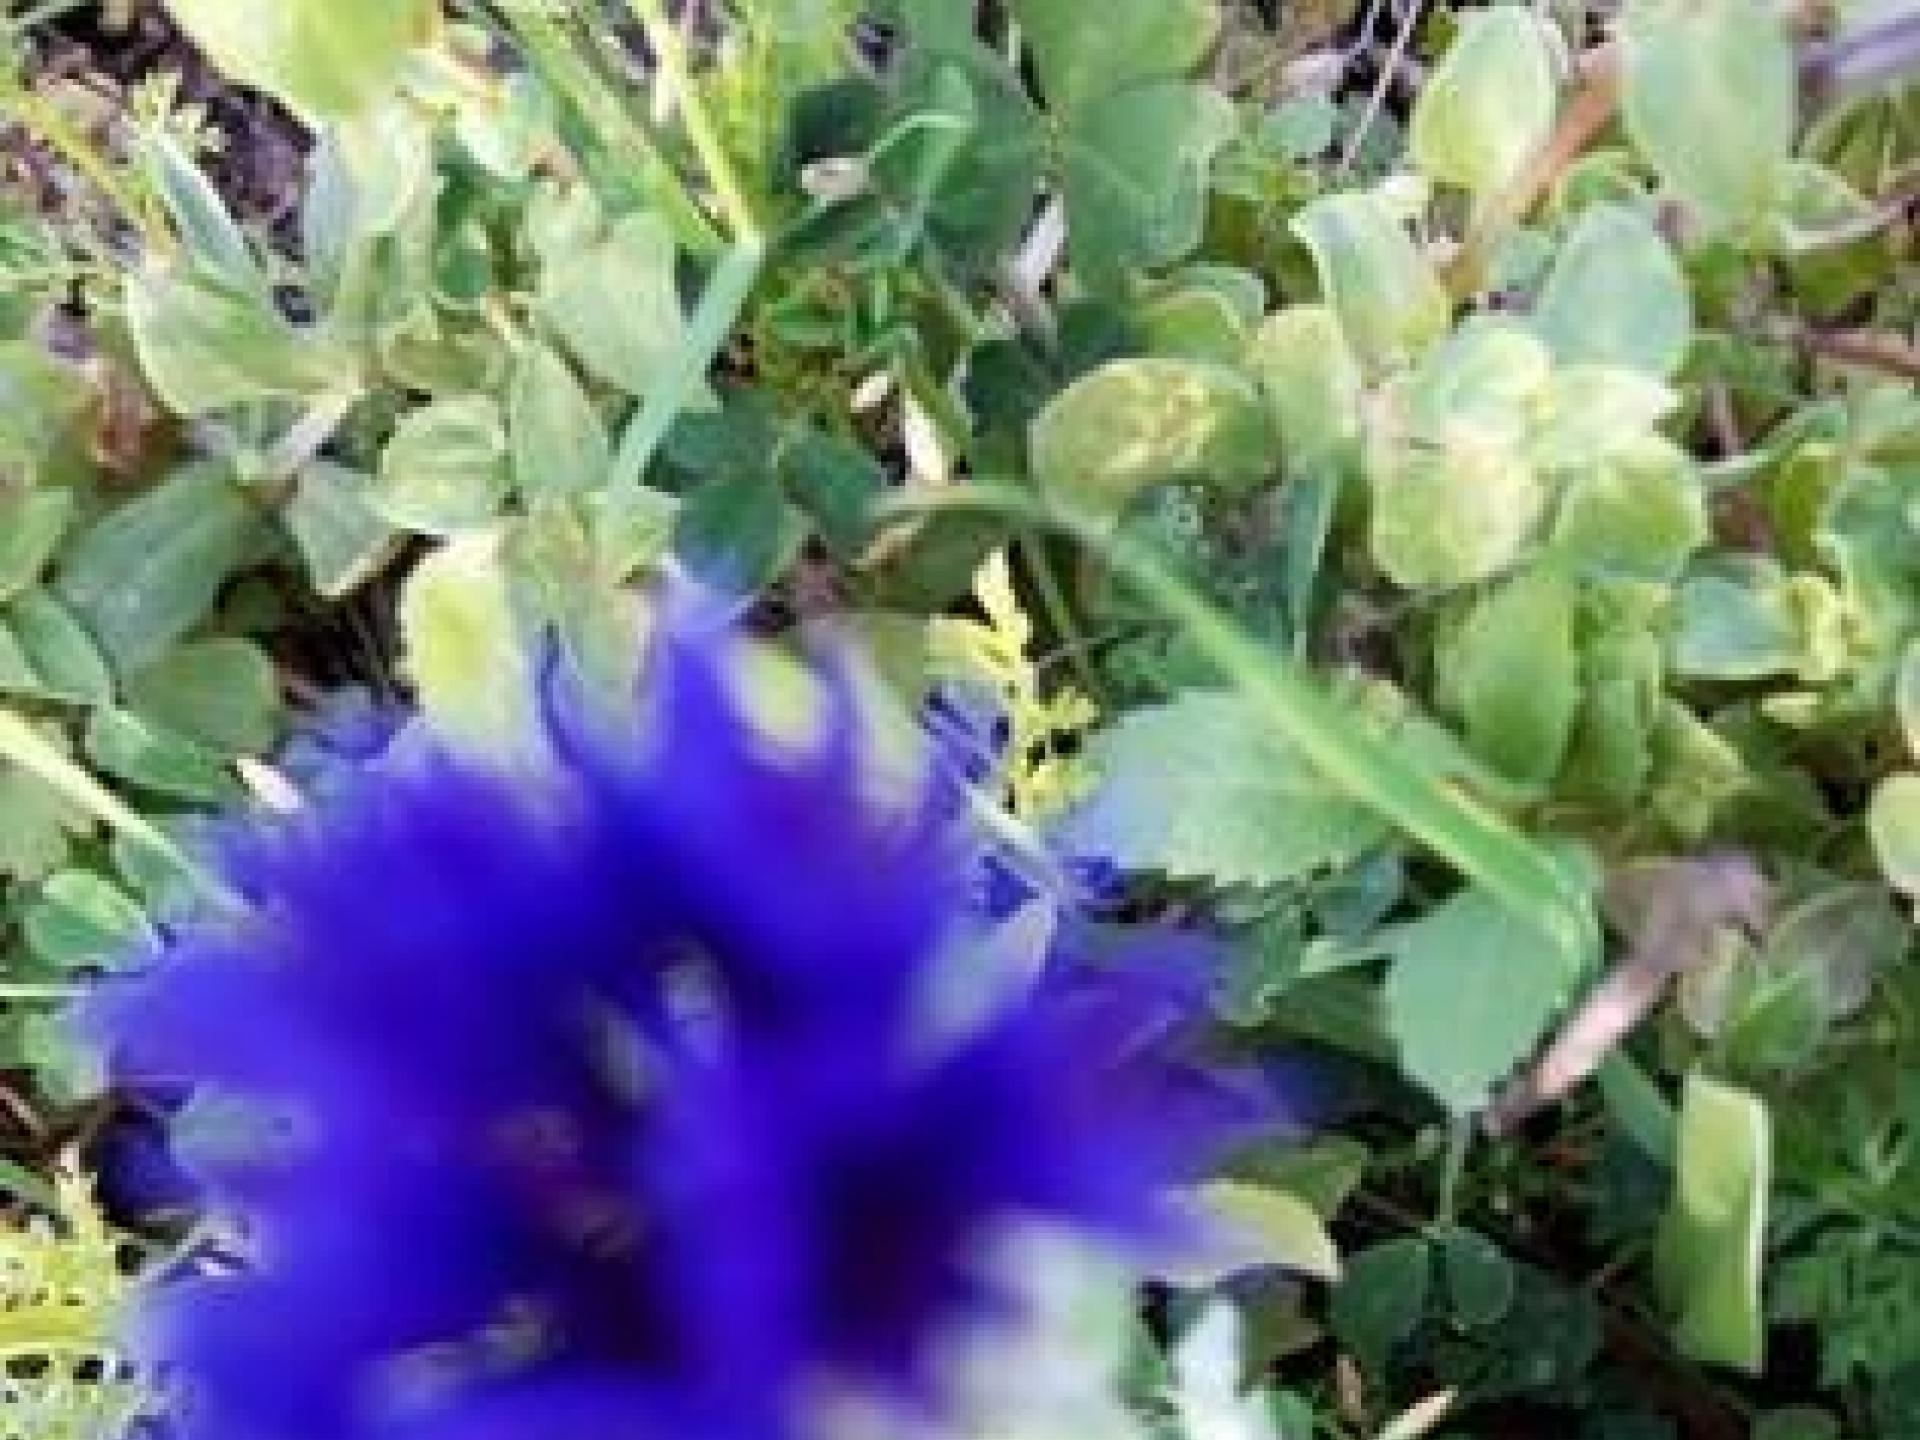 מחסום טייבה רומנה: דרדר כחול